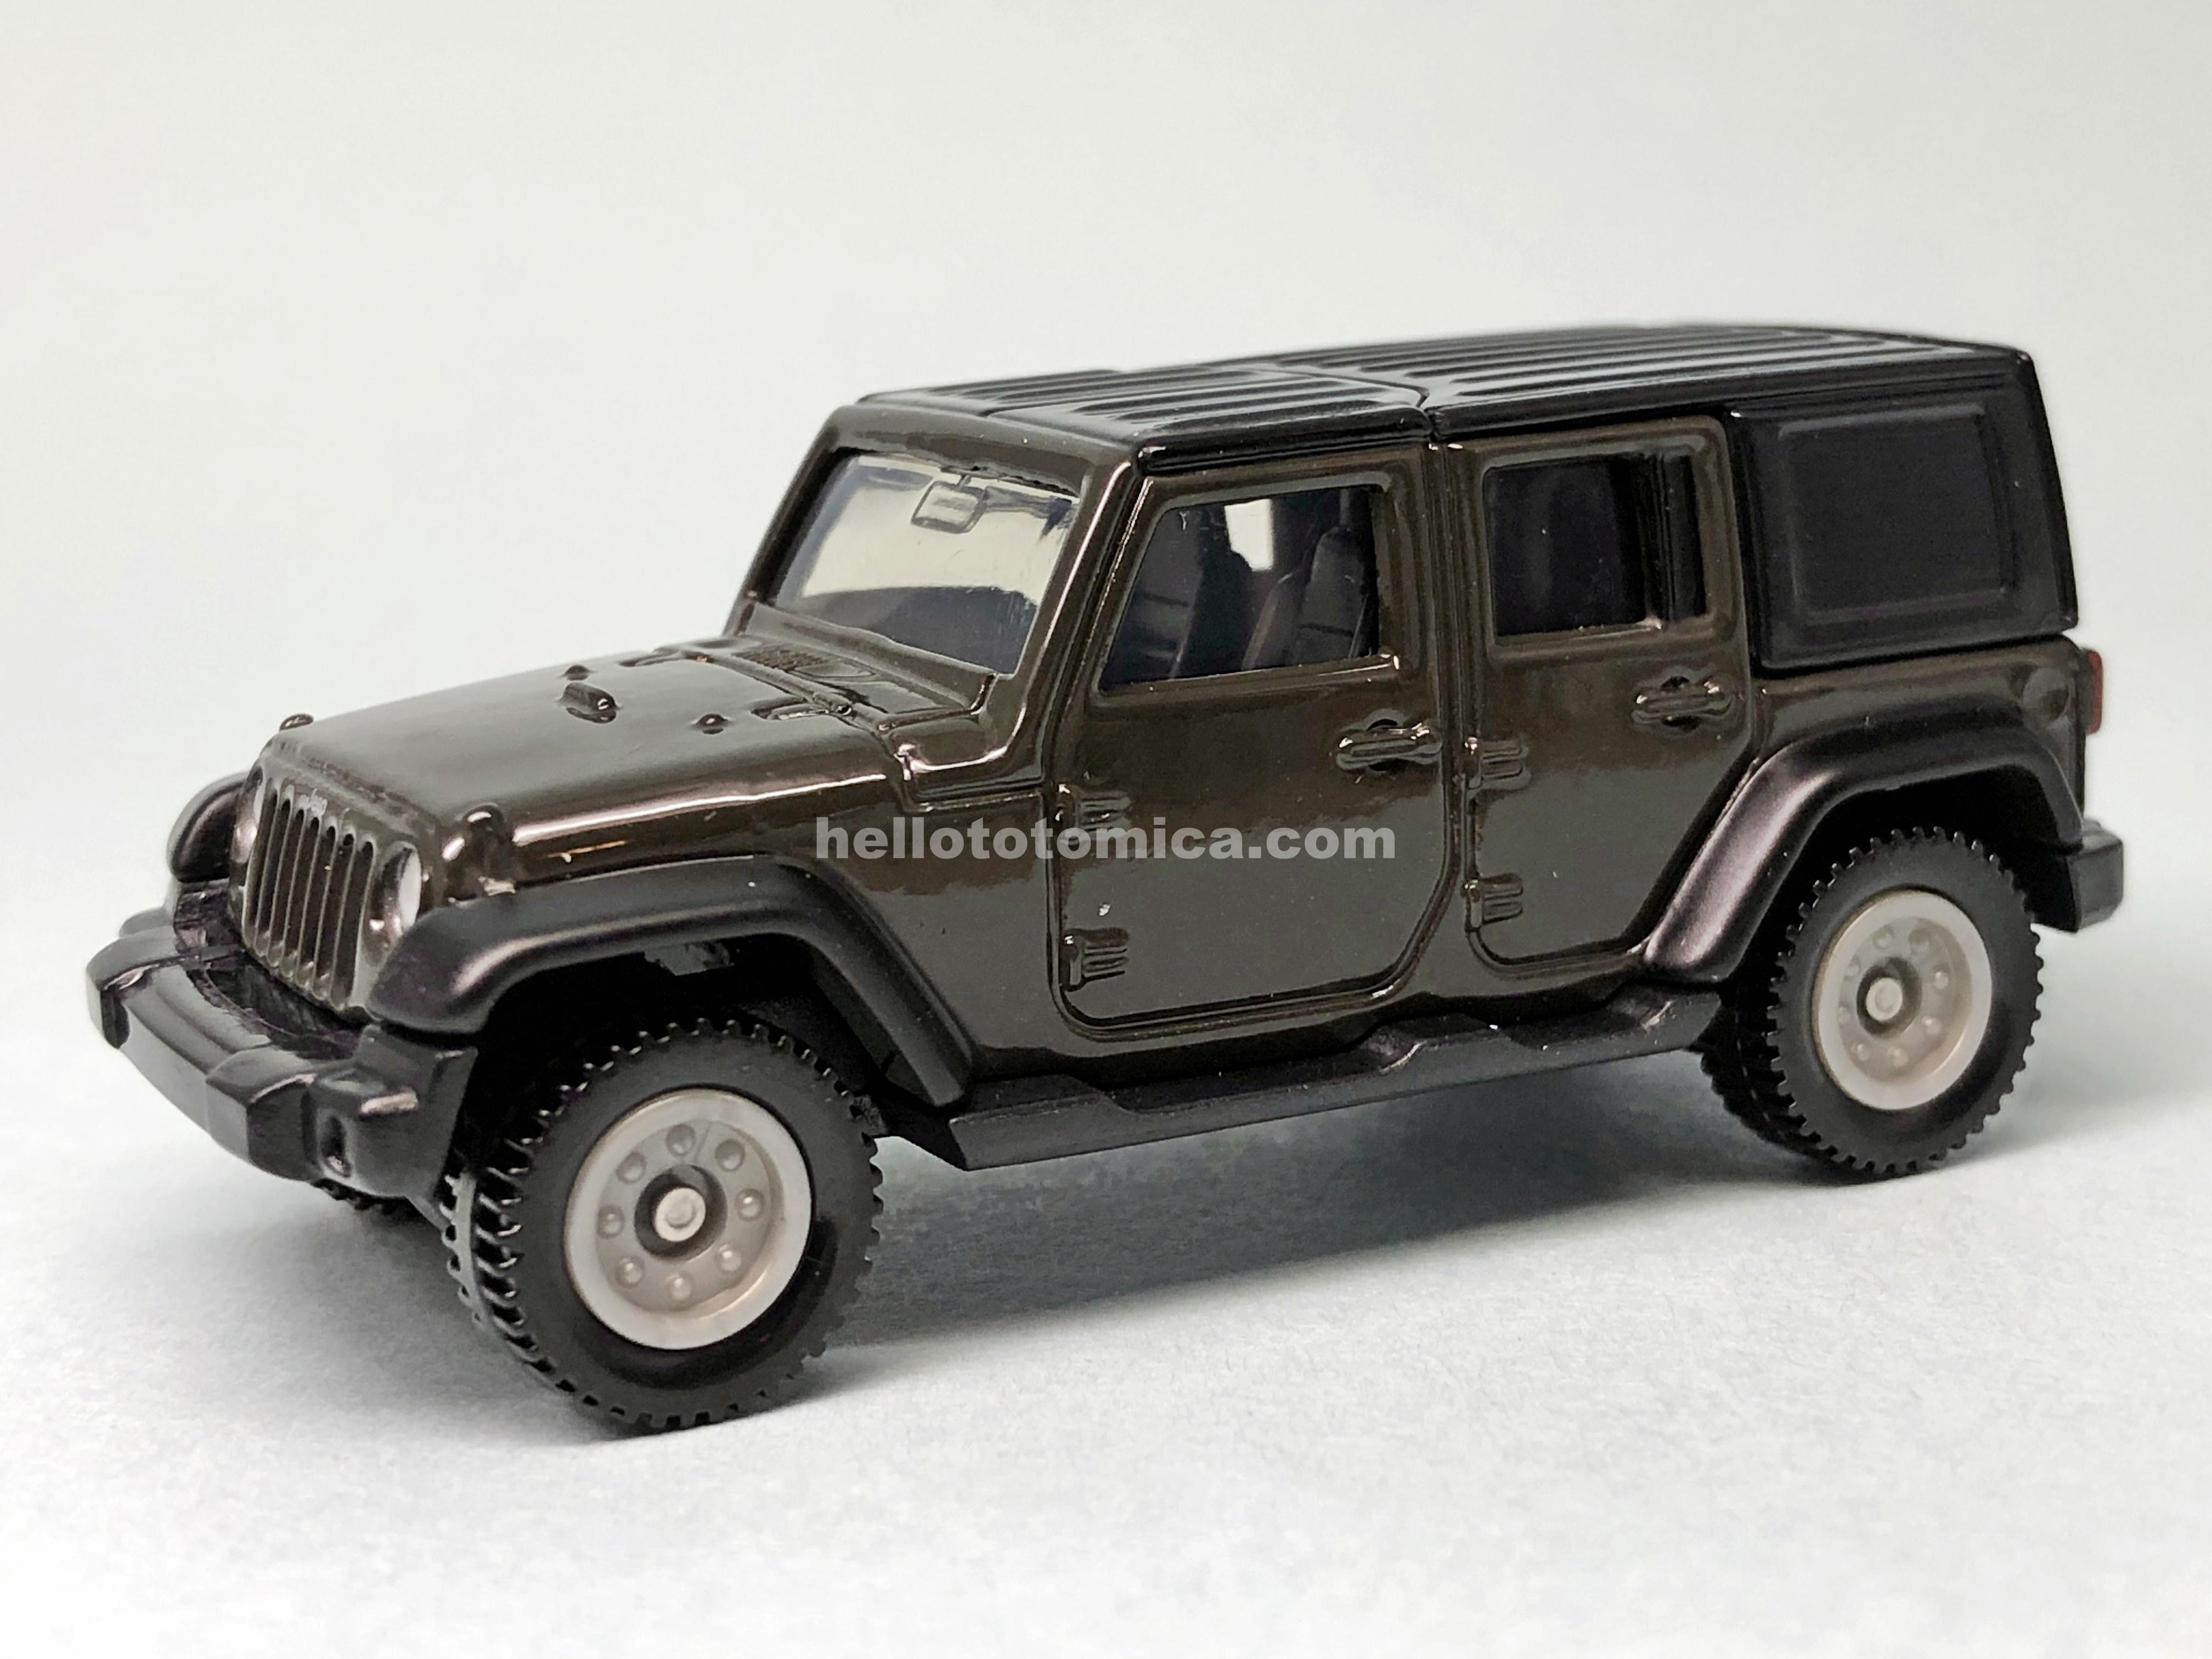 80-6 Jeep WRANGLER